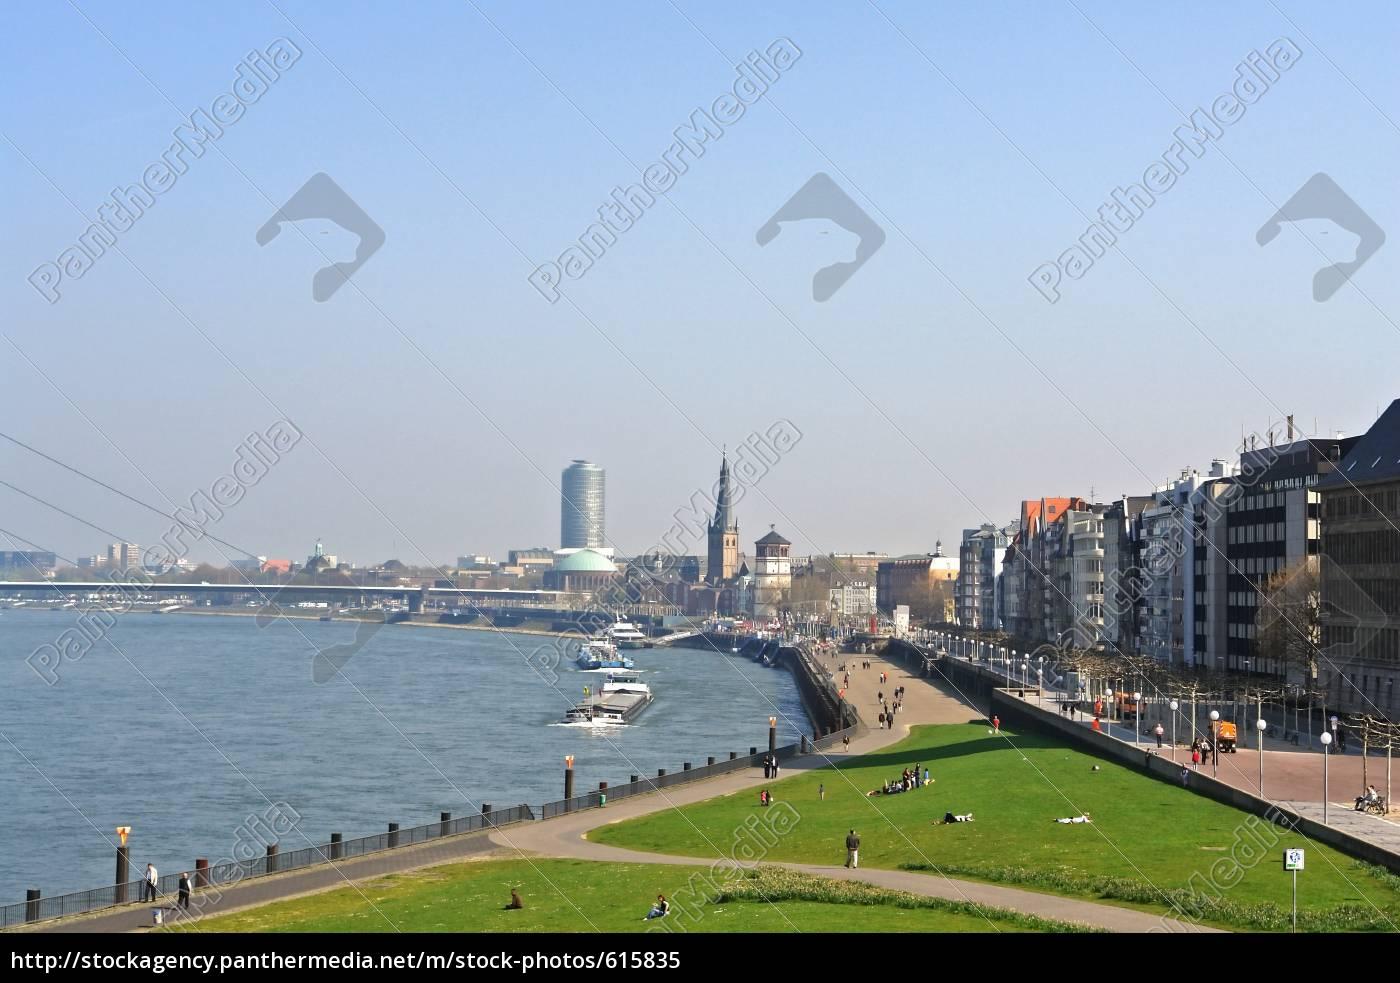 rhine, promenade - 615835